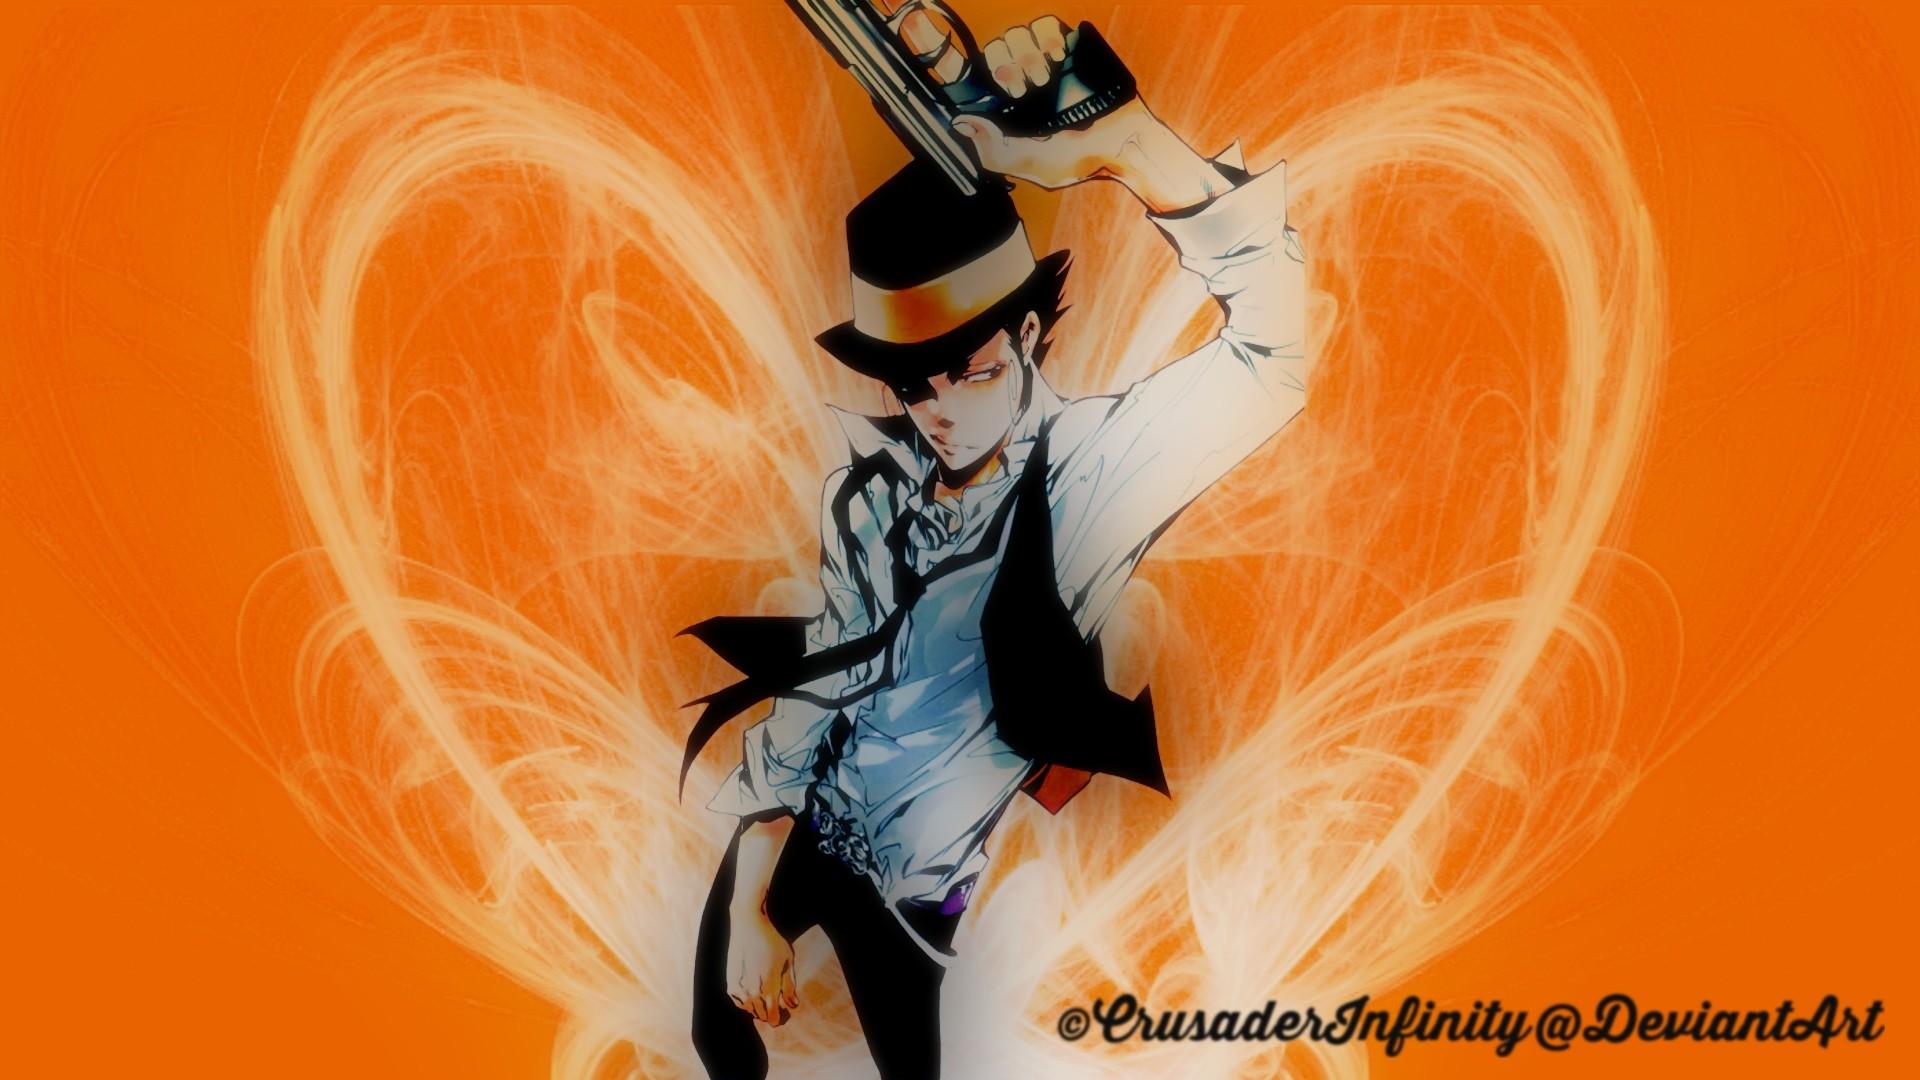 Tags: Anime, Katekyo Hitman REBORN!, Reborn, Wallpaper, HD Wallpaper